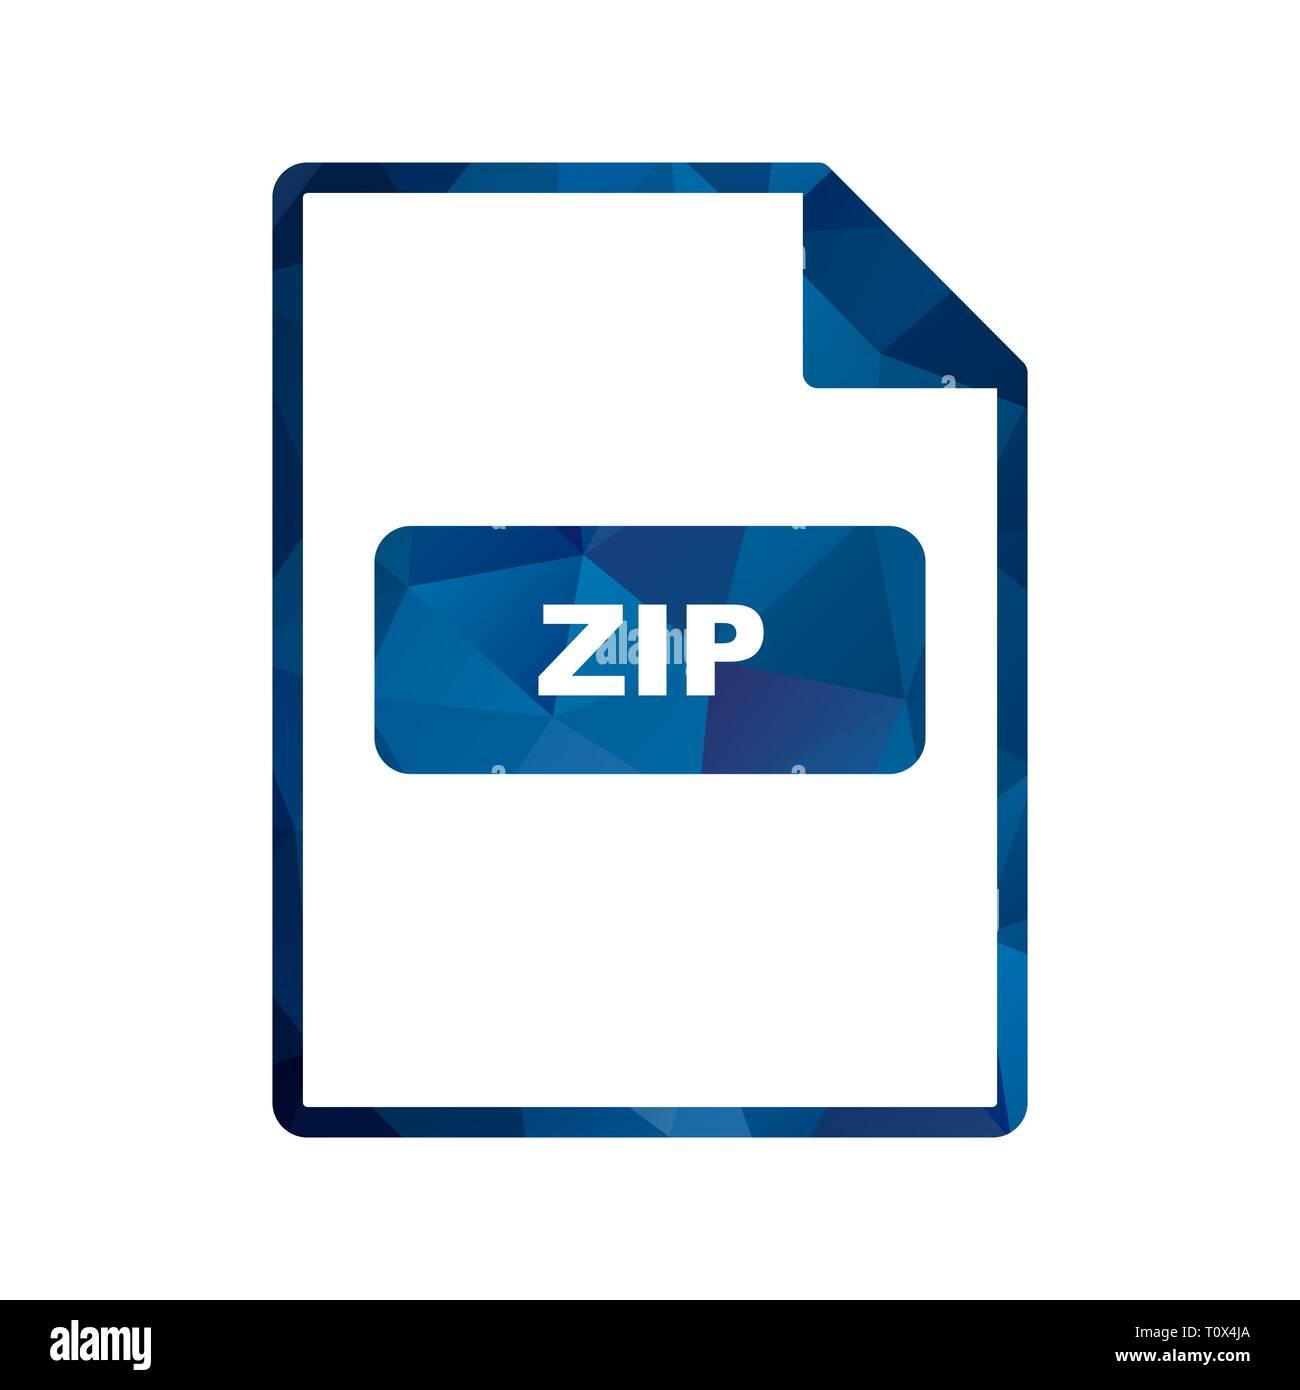 Zip Icon Stock Photos & Zip Icon Stock Images - Alamy